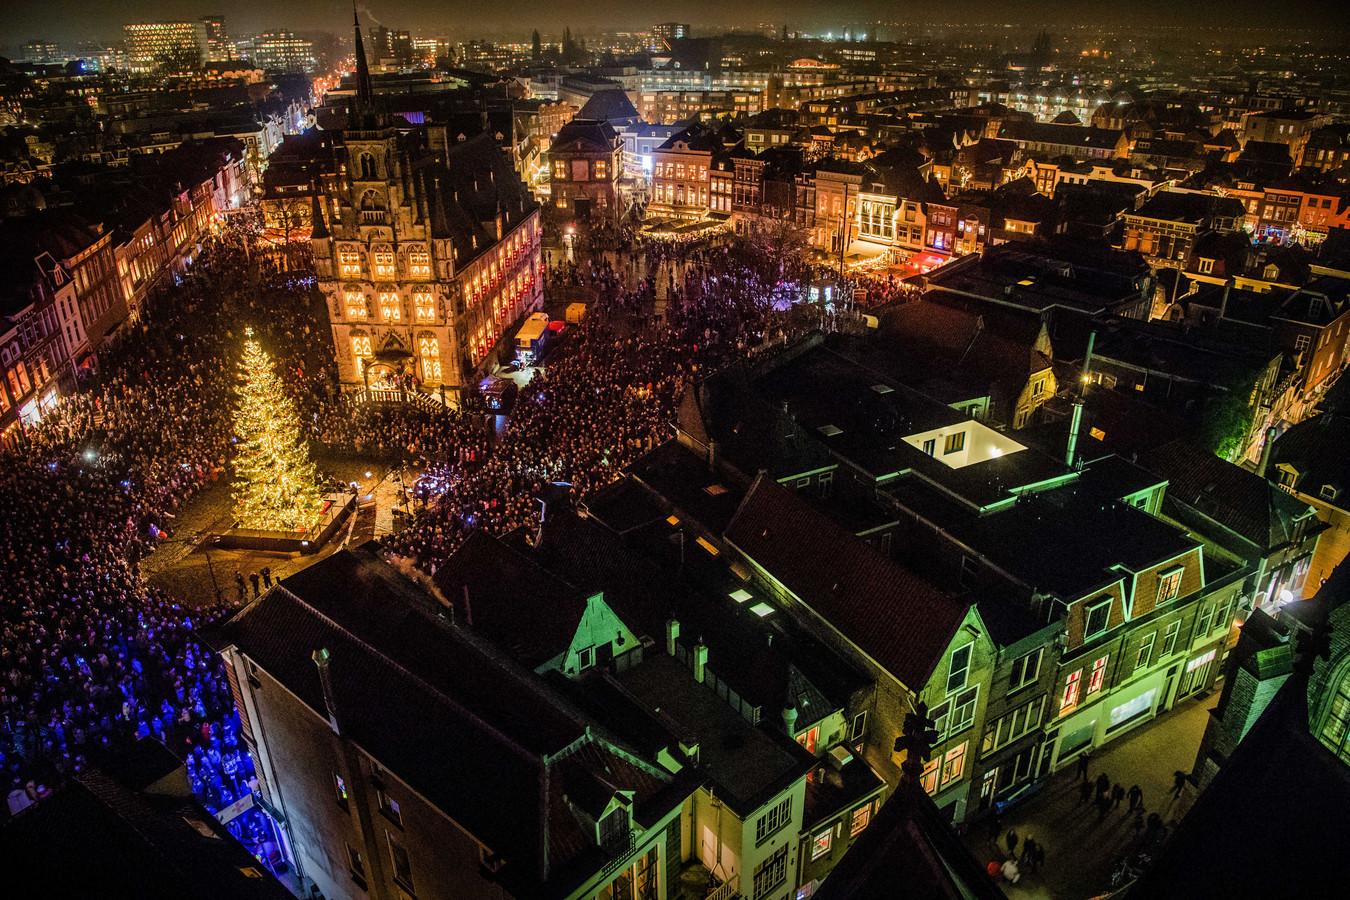 De lichtjes van de kerstboom op de Markt hult het middeleeuwse centrum van Gouda in wintersferen.